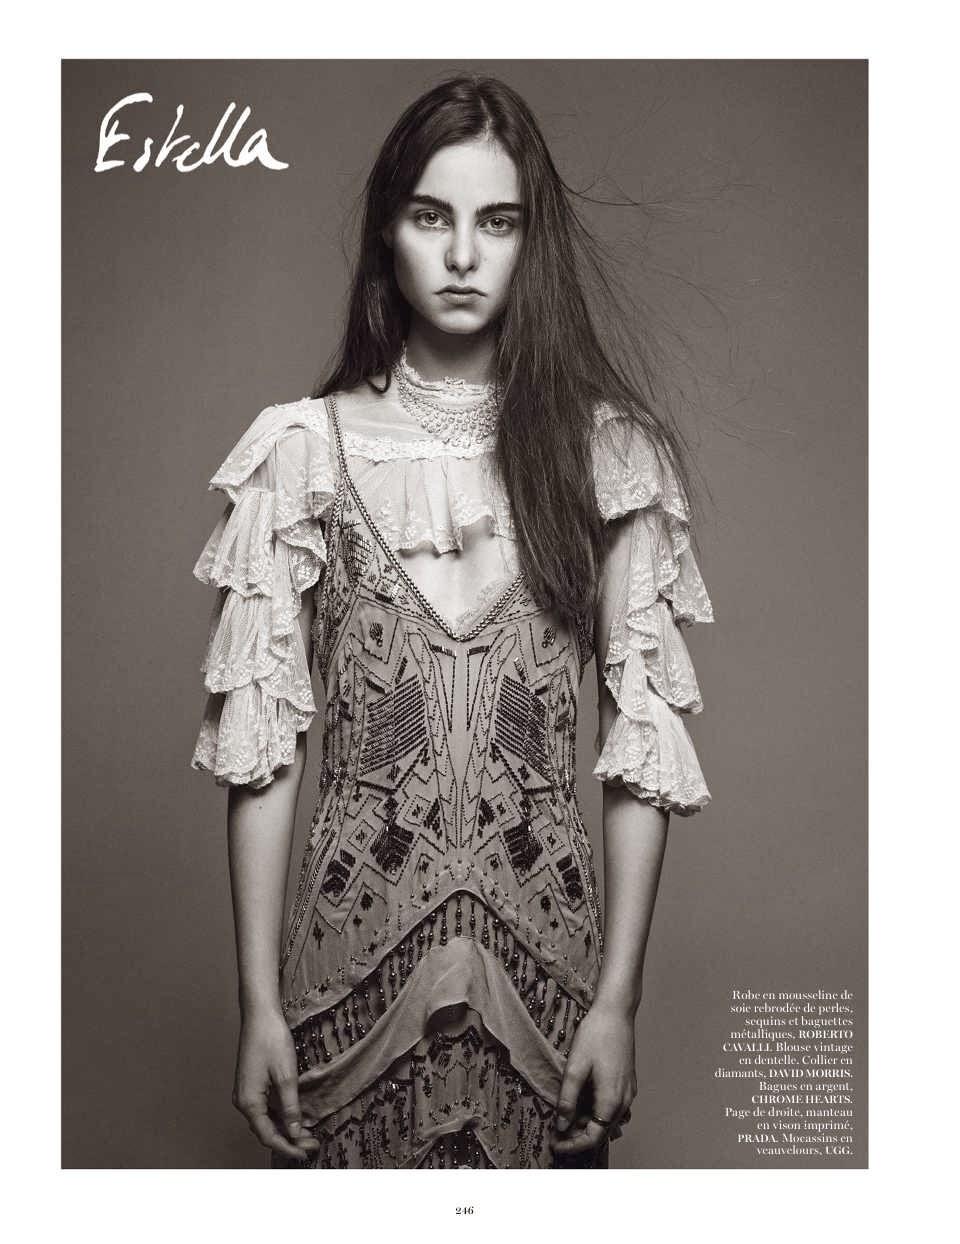 100bc7d38e1 Estella Brons Paris Vogue - February 2014. Photographer - Mikael Jansson  Source - thefashionspot.com